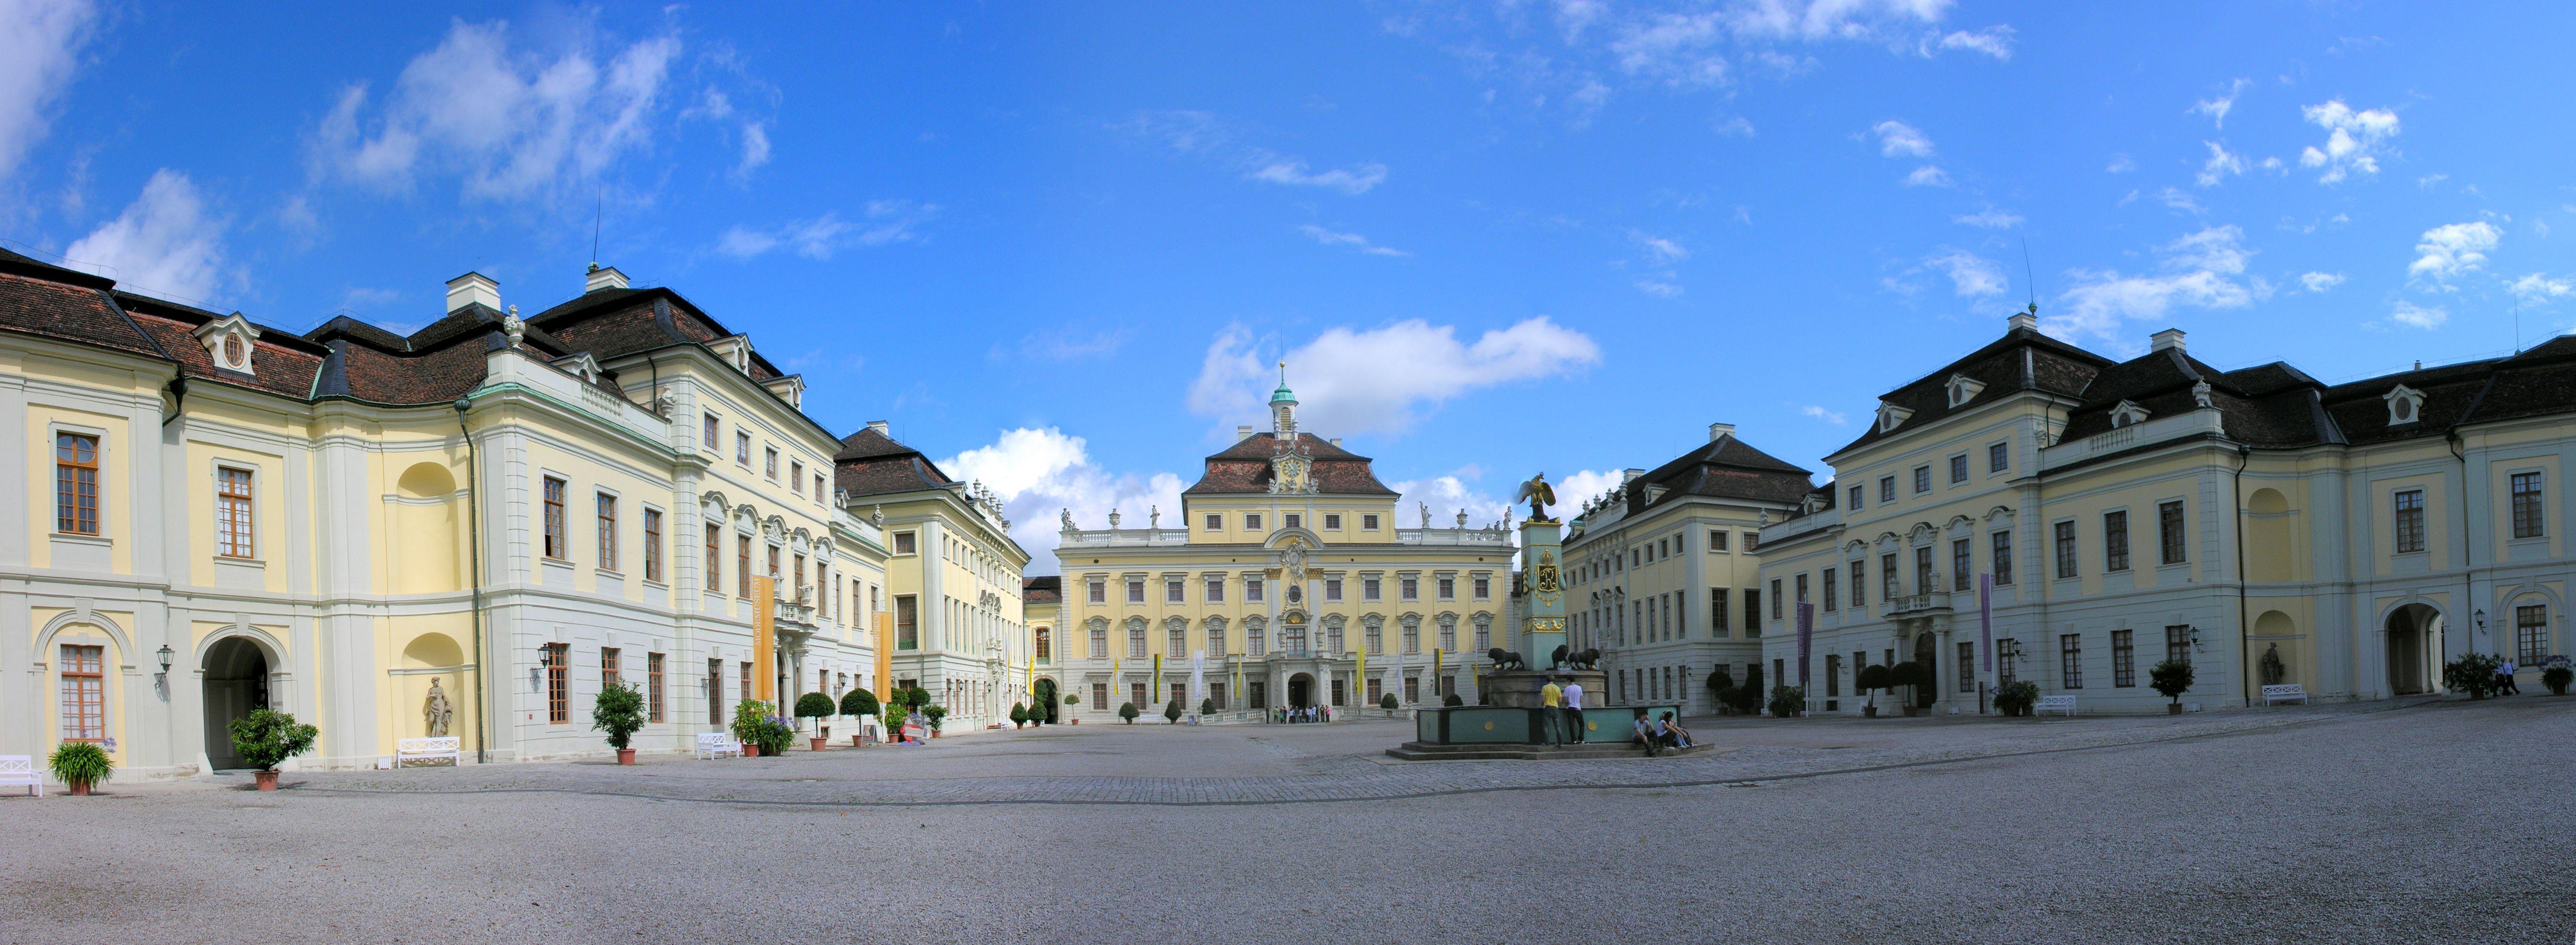 In Residence Castle Ludwigsburg Stuttgart Germany Stuttgart Germany Germany Castle